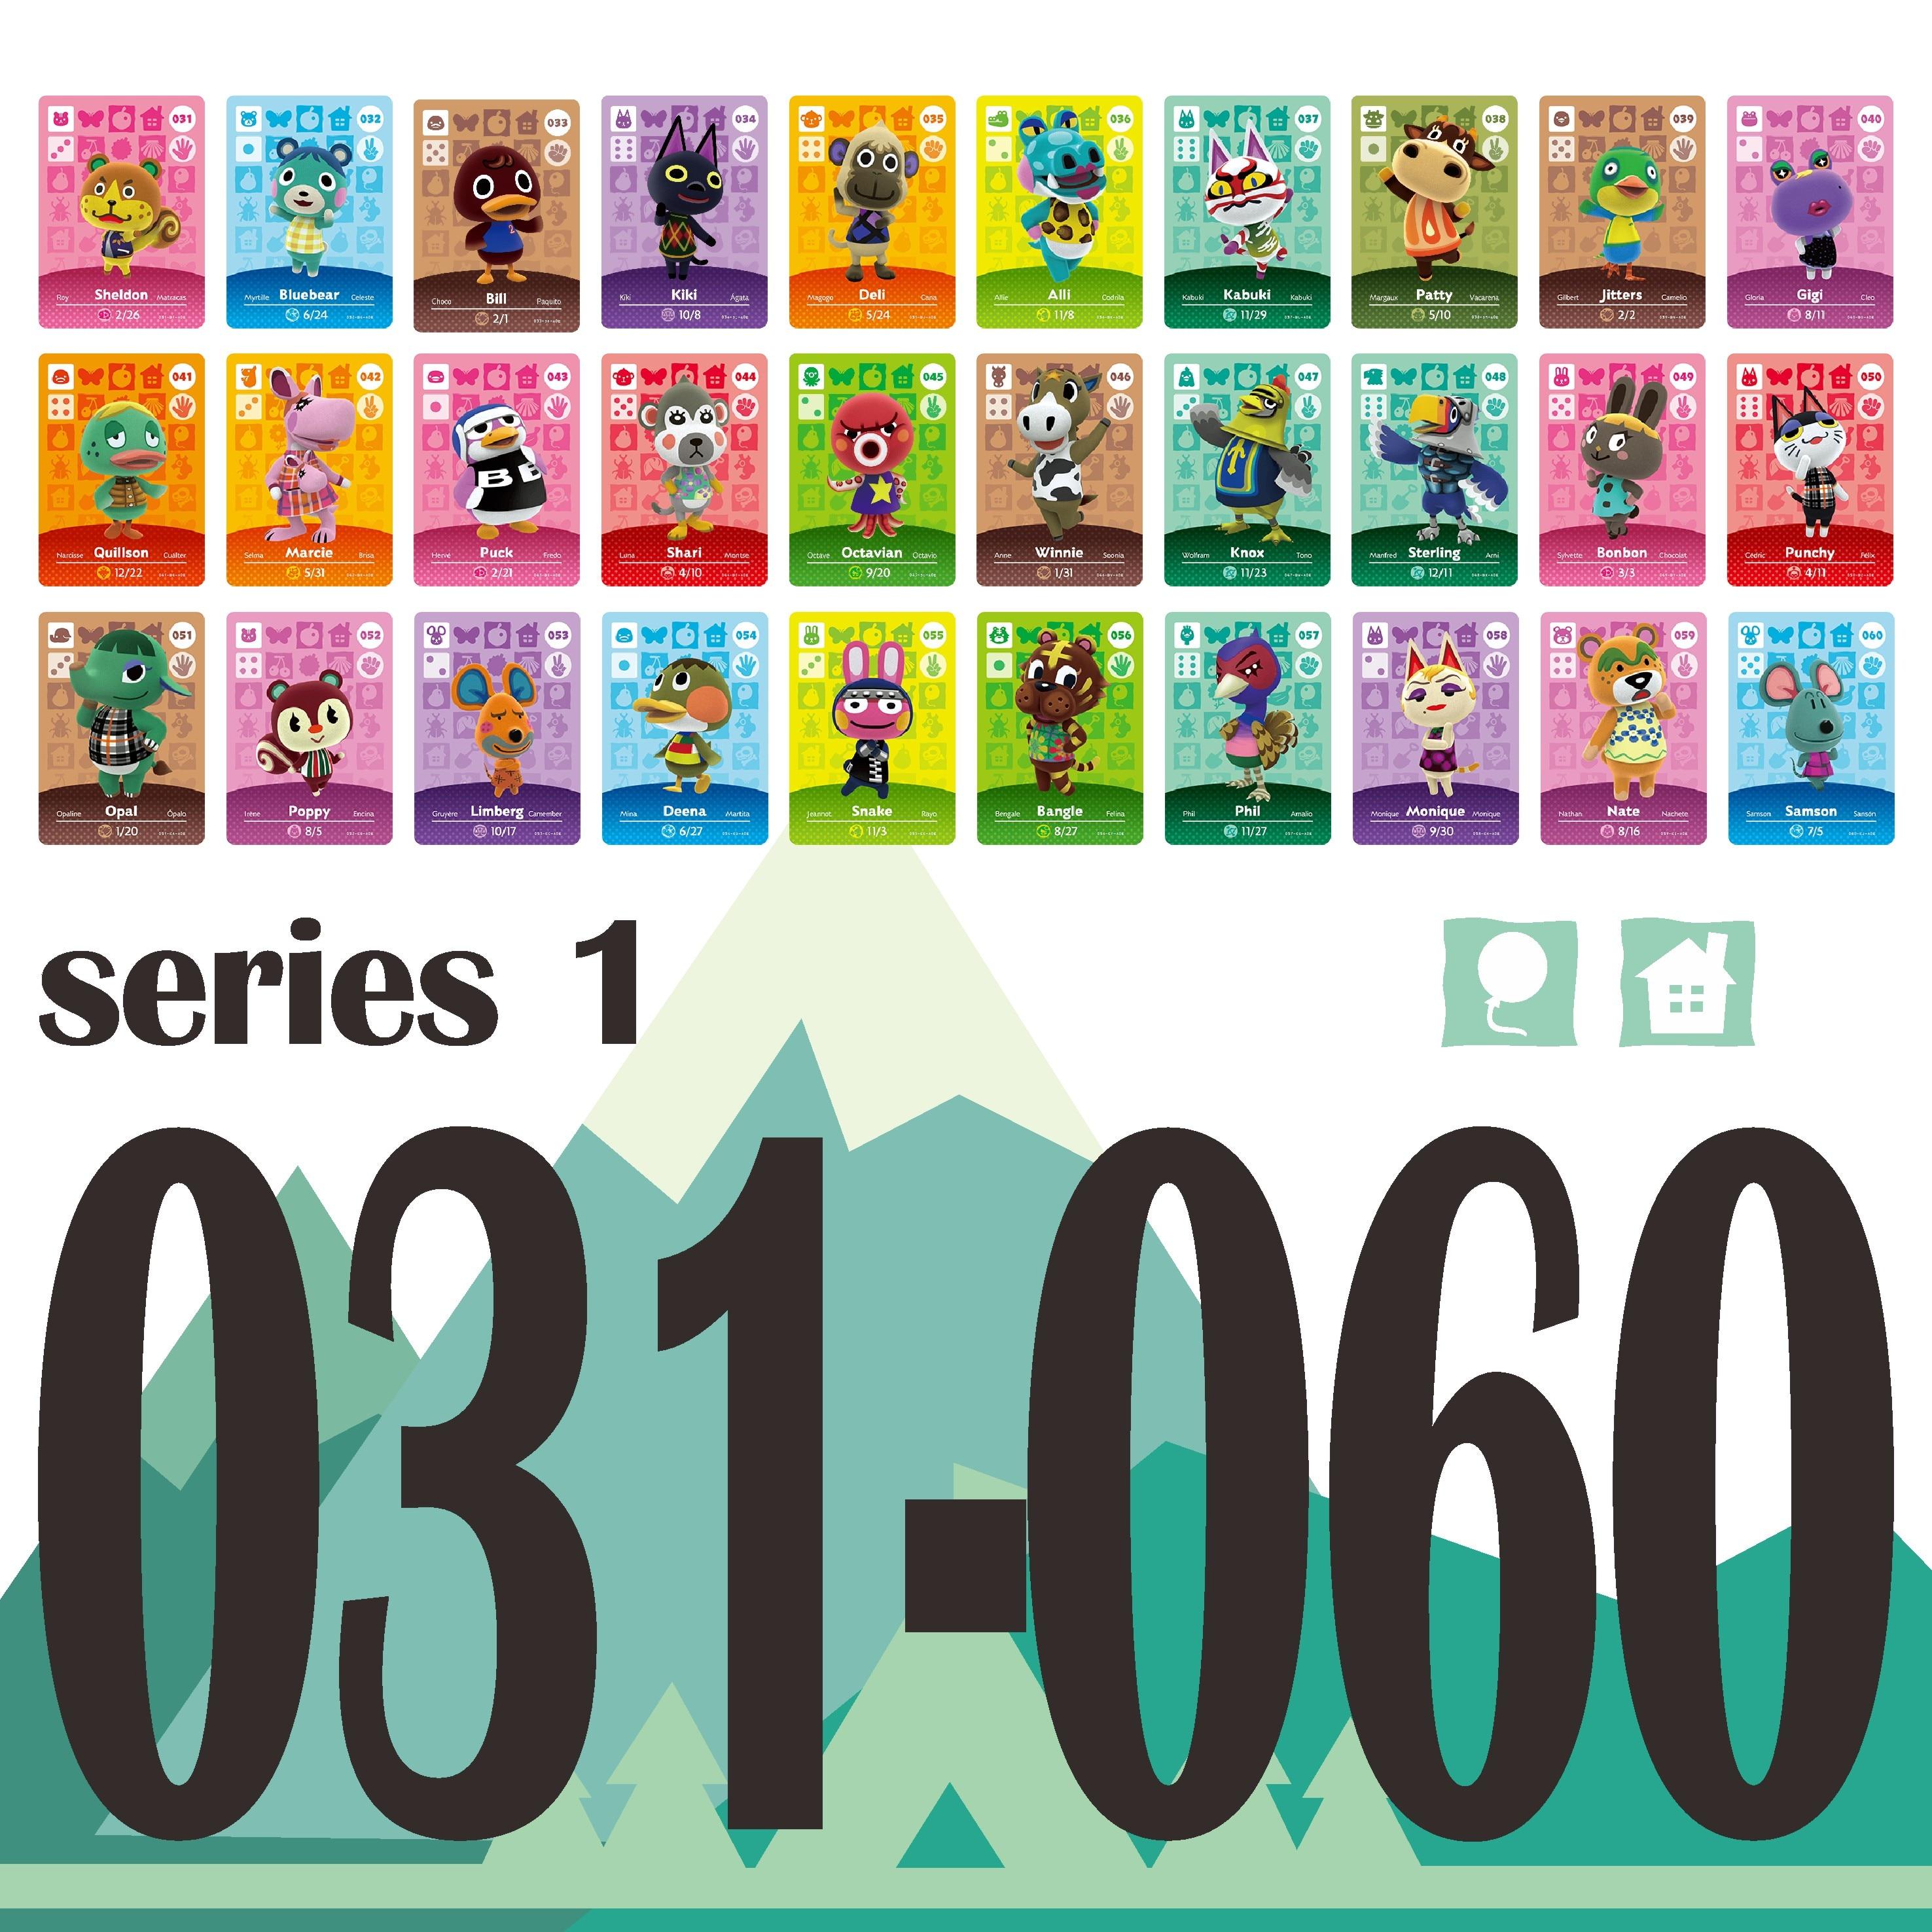 Карточка для скрещивания животных Amiibo карточка для NS игр Amibo переключатель Rosie приветственные наклейки New Horizons NFC Серия 1 (031-060)